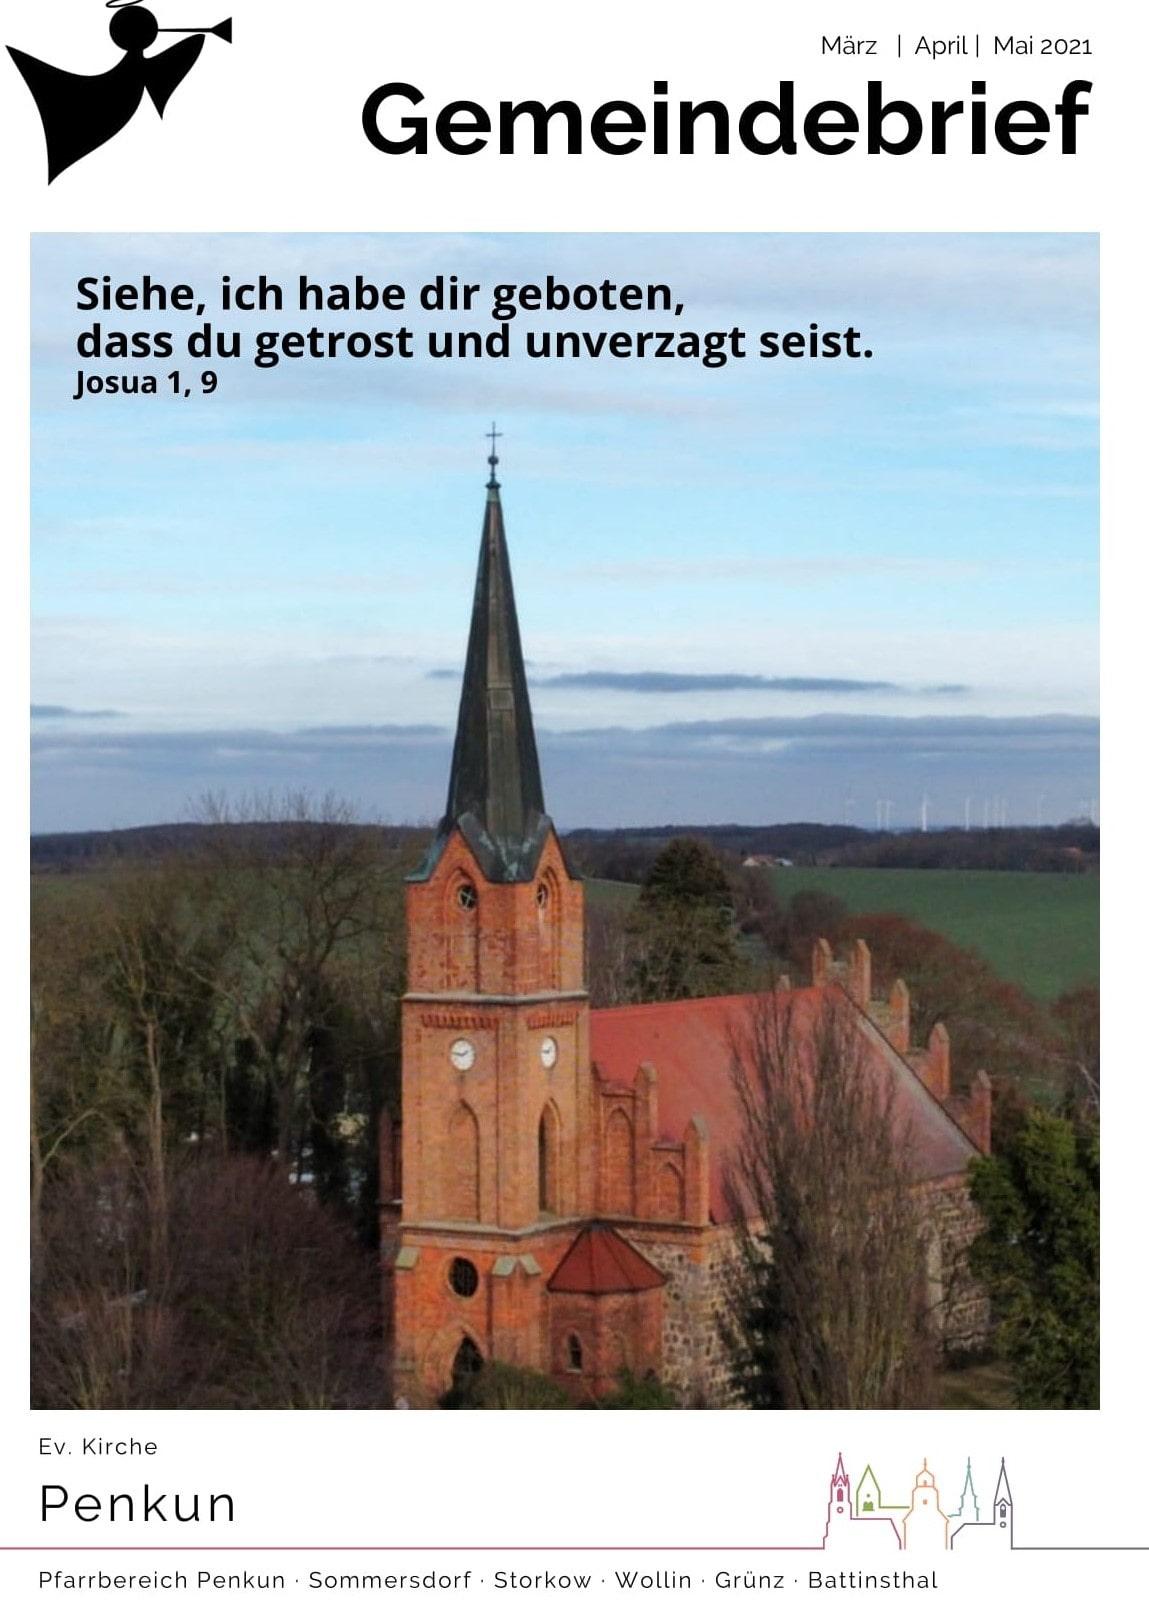 Gemeindebrief_21_01_web-01-min